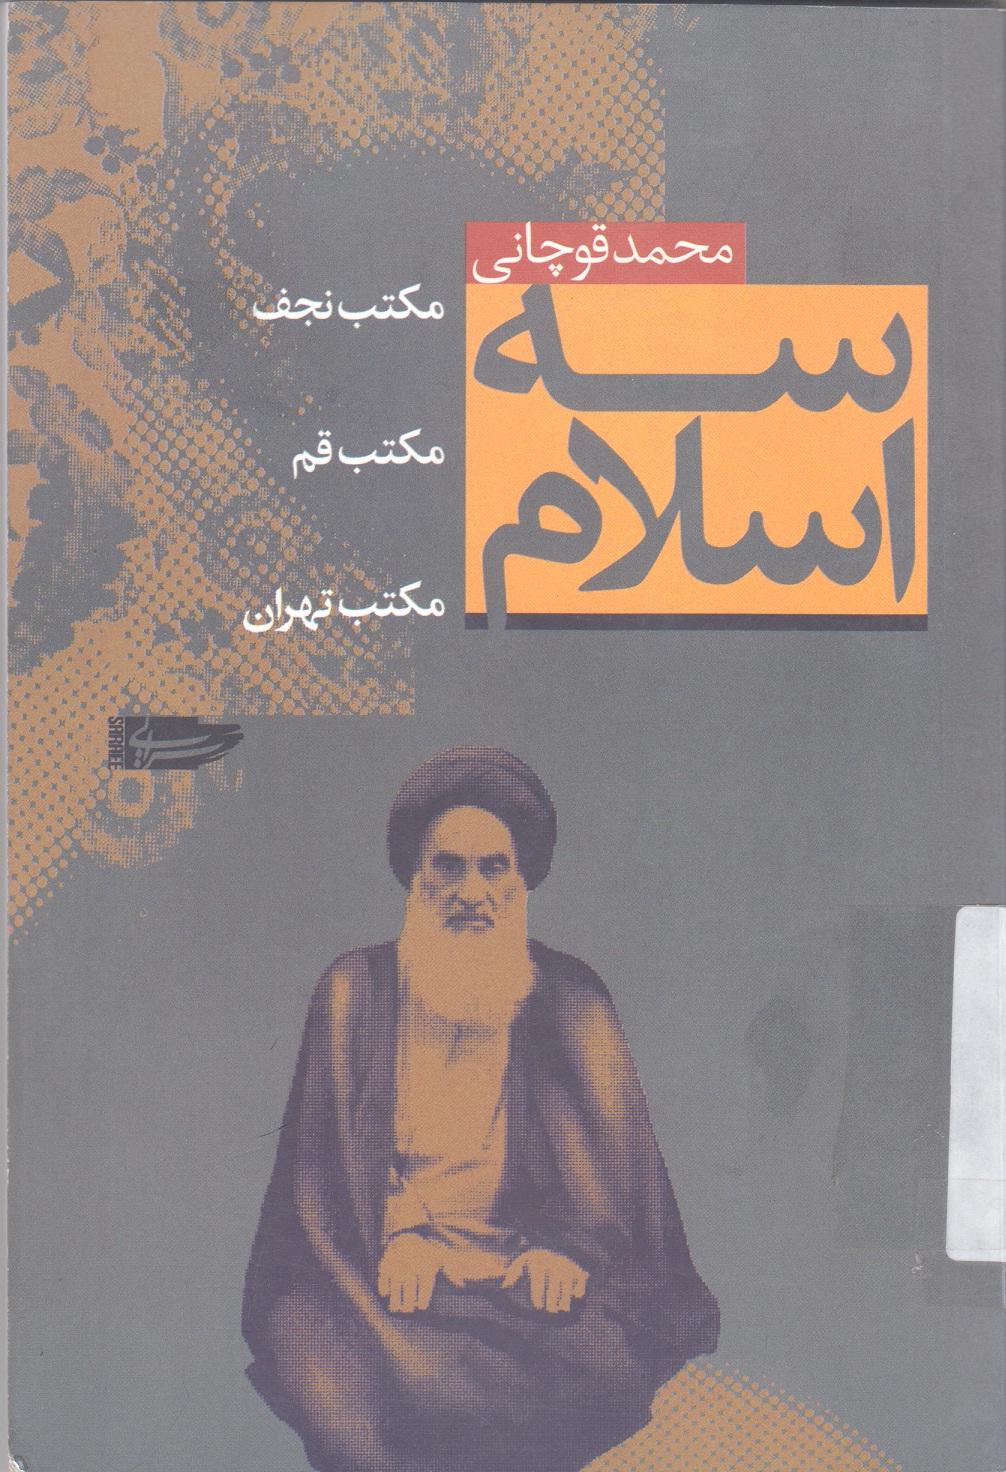 سه اسلام؛ مکتب نجف، مکتب قم، مکتب تهران